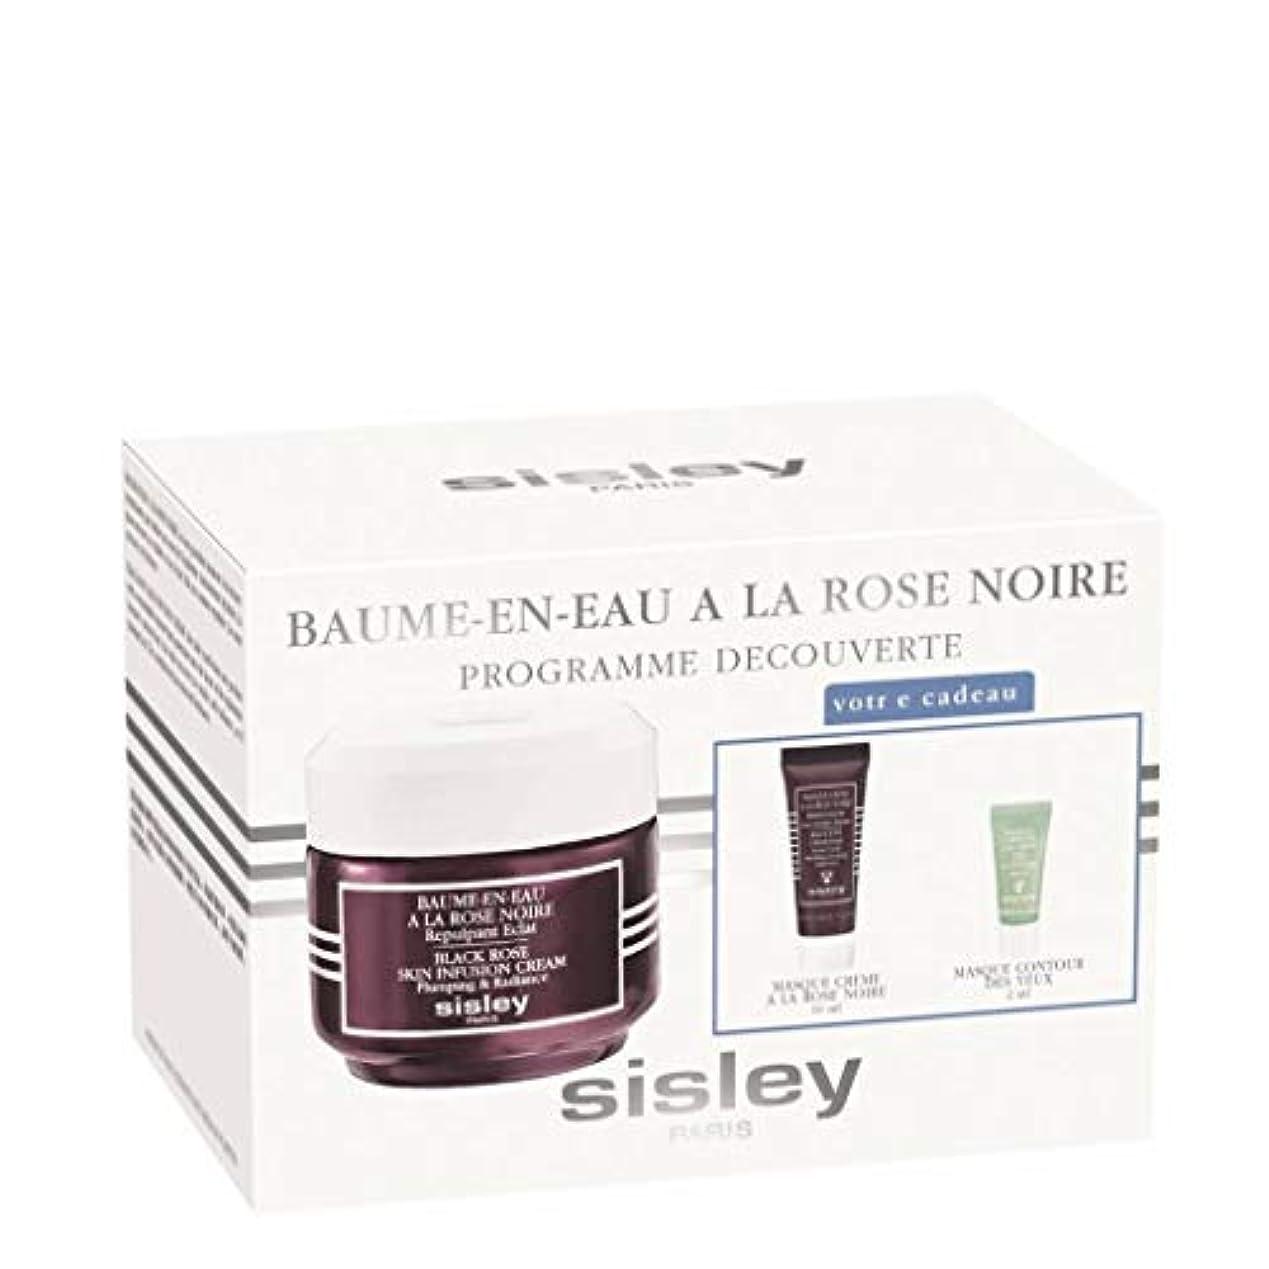 尊敬するクレーター過度のシスレー Black Rose Skin Infusion Cream Discovery Program: Black Rose Skin Infusion Cream 50ml+Black Rose Cream Mask...